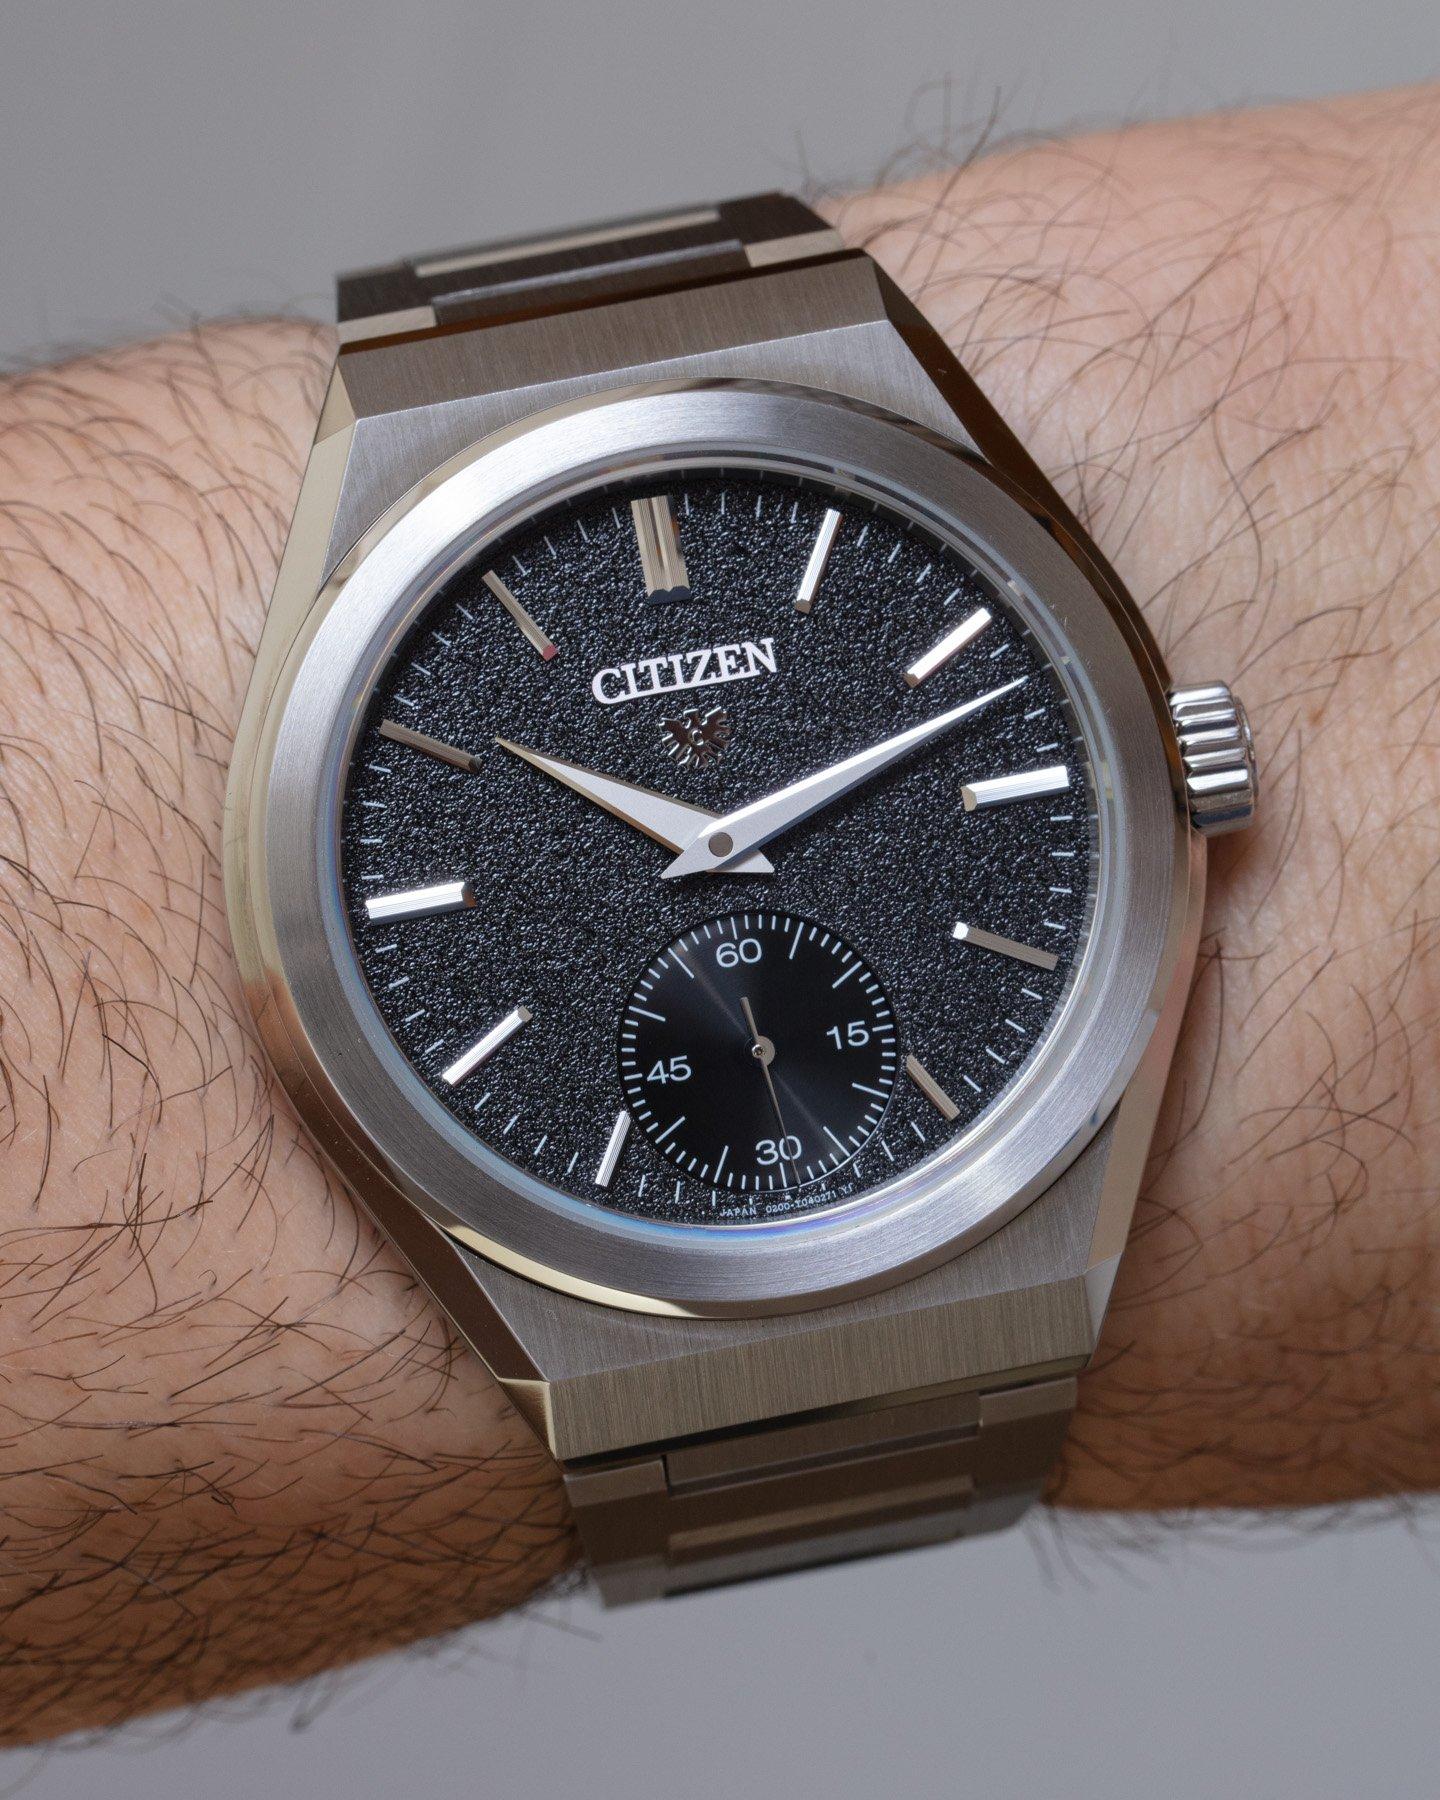 Обзор часов: Citizen Caliber 0200 Automatic